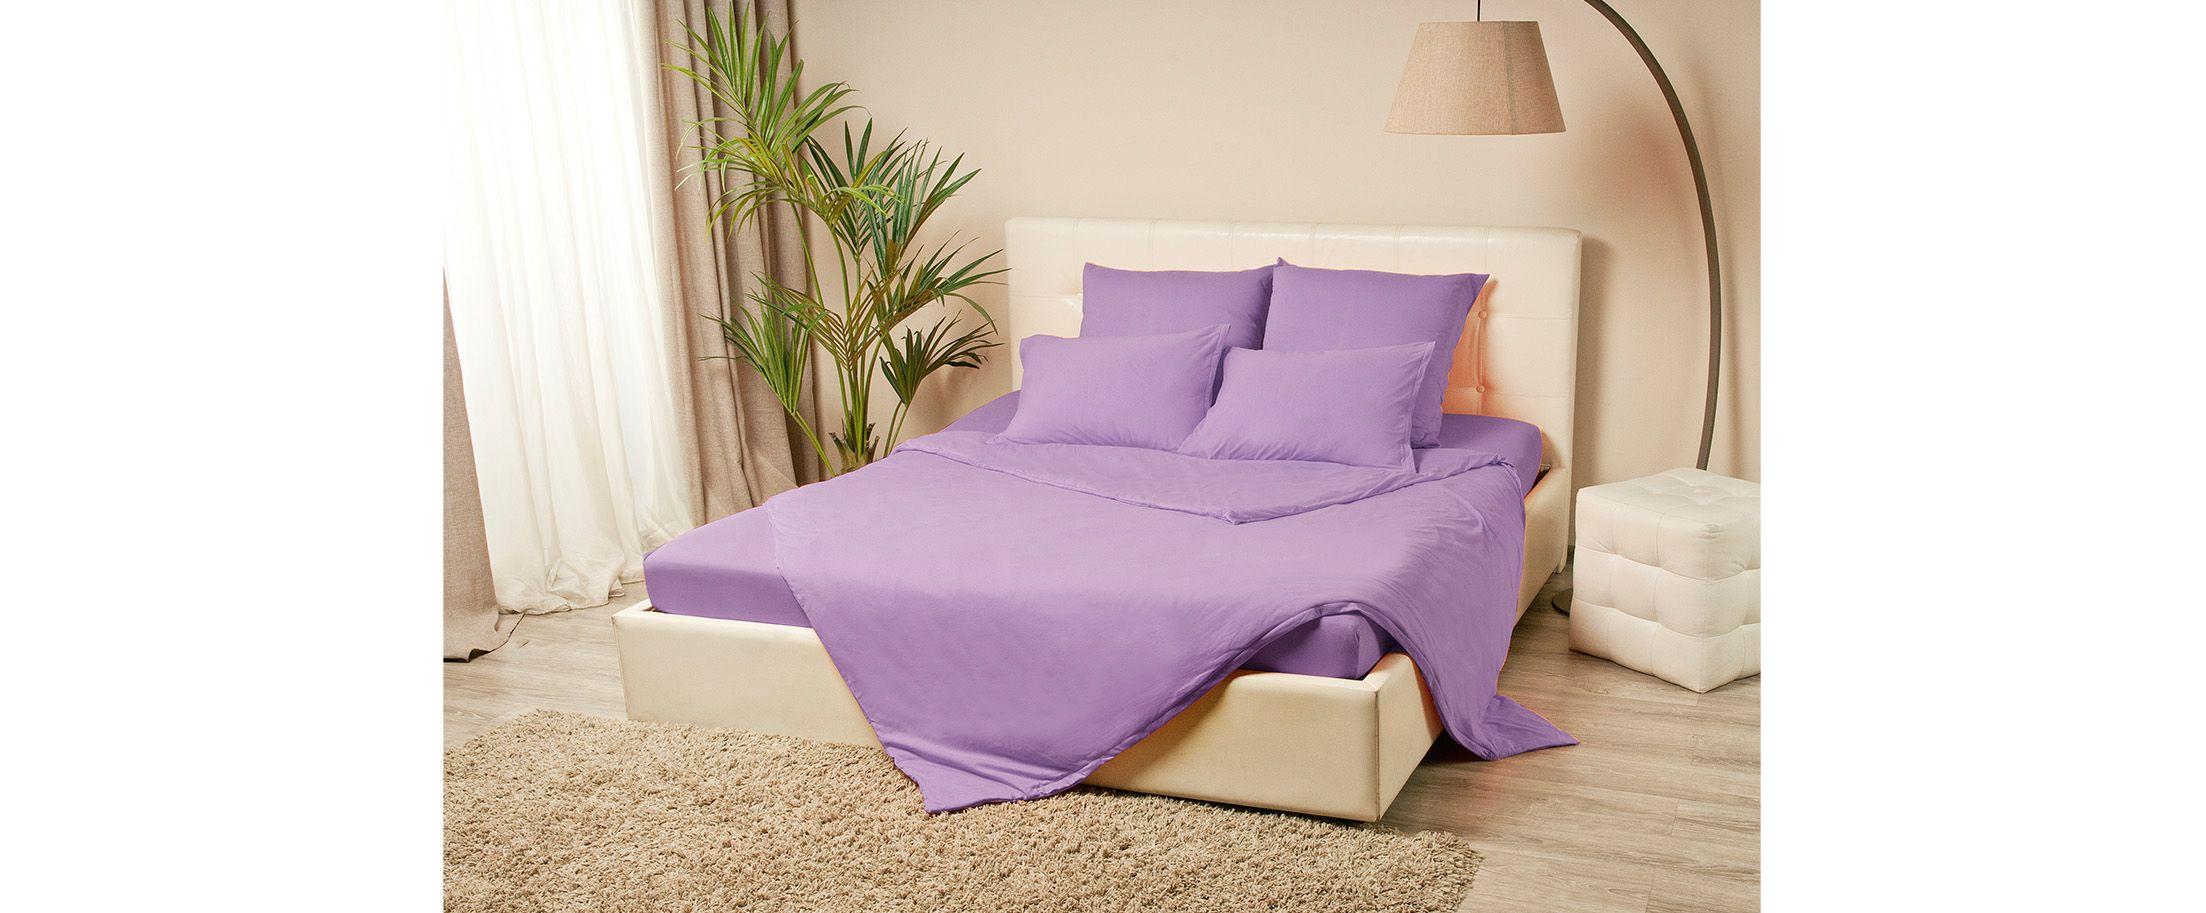 Простыня трикотажная на резинке 200х200 сиреневого цвета Violett Модель 4000Простыня трикотажная на резинке 200х200 Violett Модель 4000. Артикул К000627